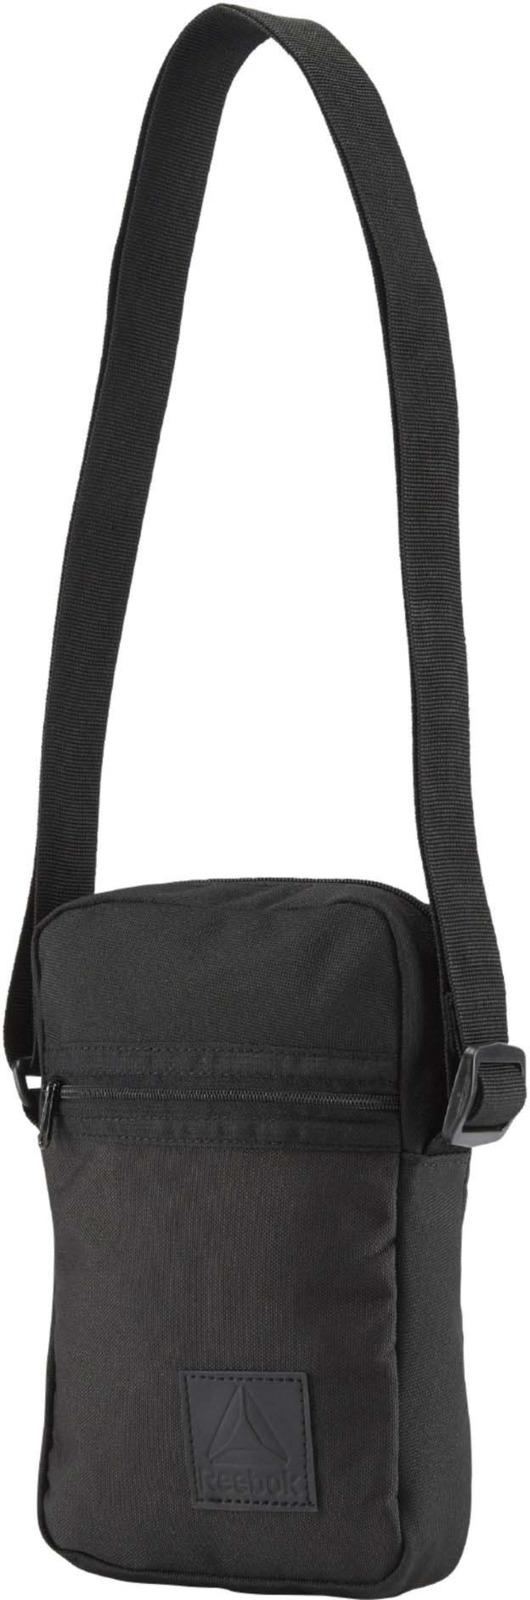 9854ea5d Сумка Reebok Style Found City Bag, цвет: черный. DM7176 — купить в  интернет-магазине OZON.ru с быстрой доставкой